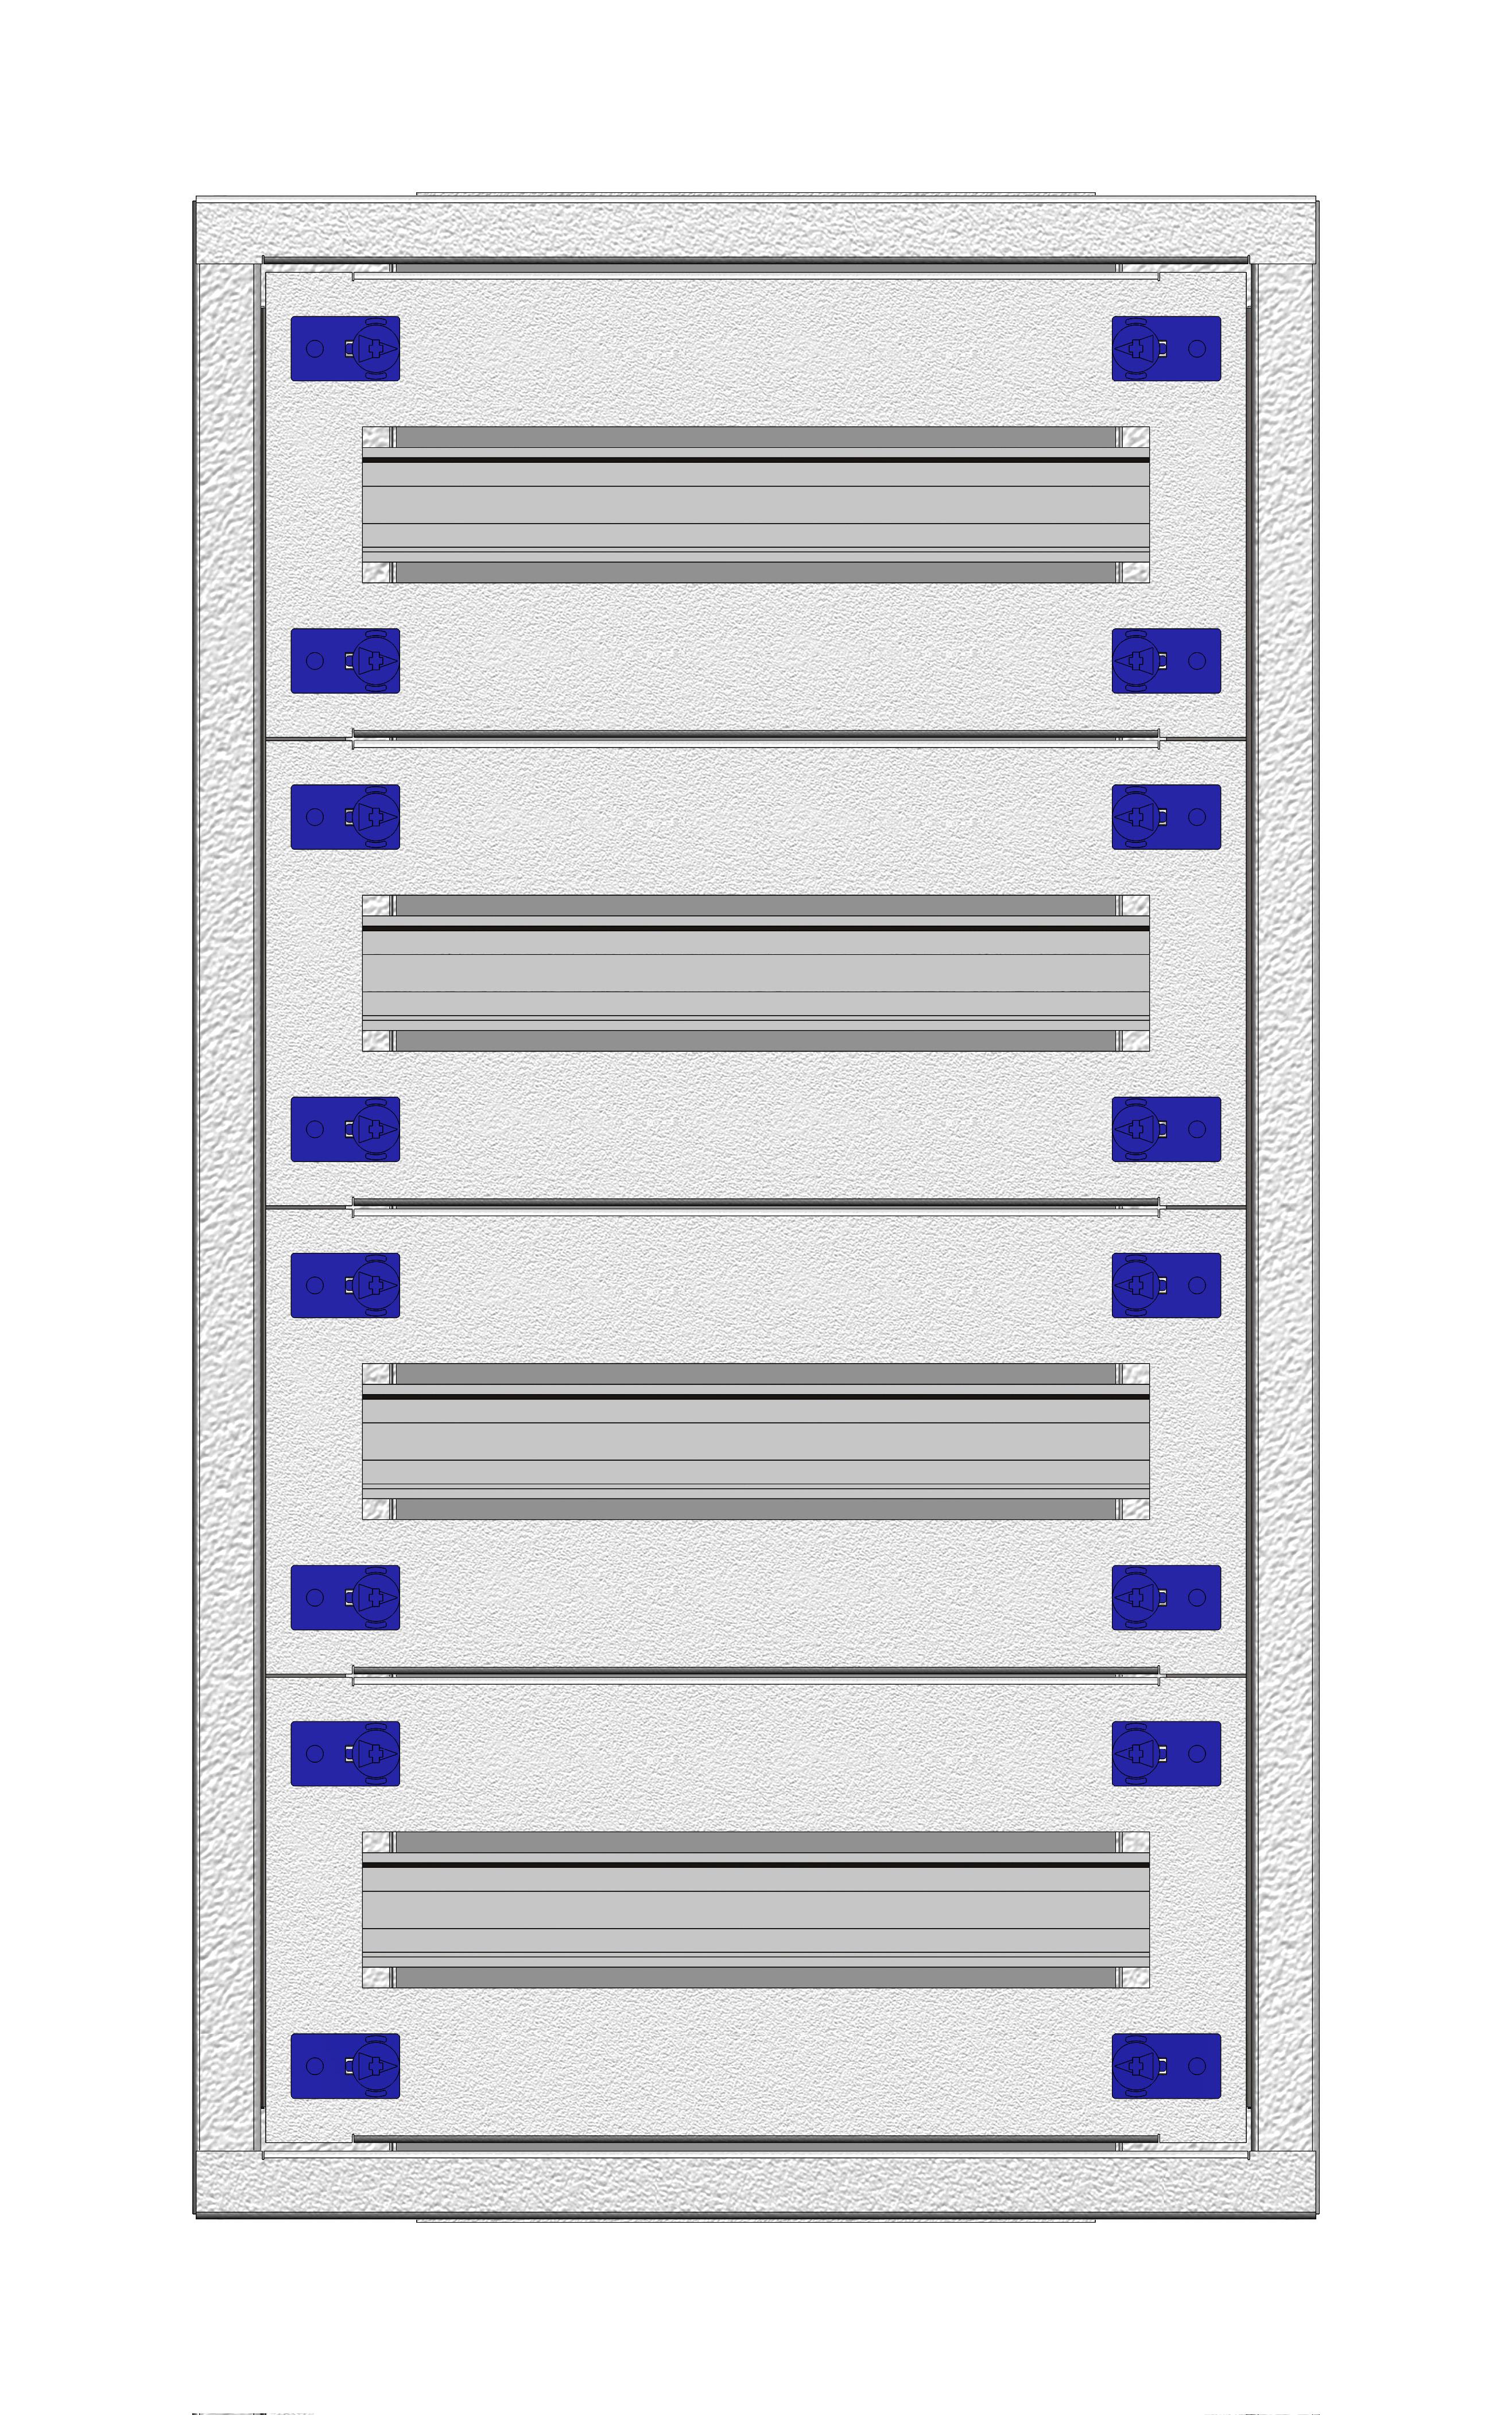 1 Stk Installationsverteiler Einsatz 1-12K, 4-reihig, Stahlblech IL148112--